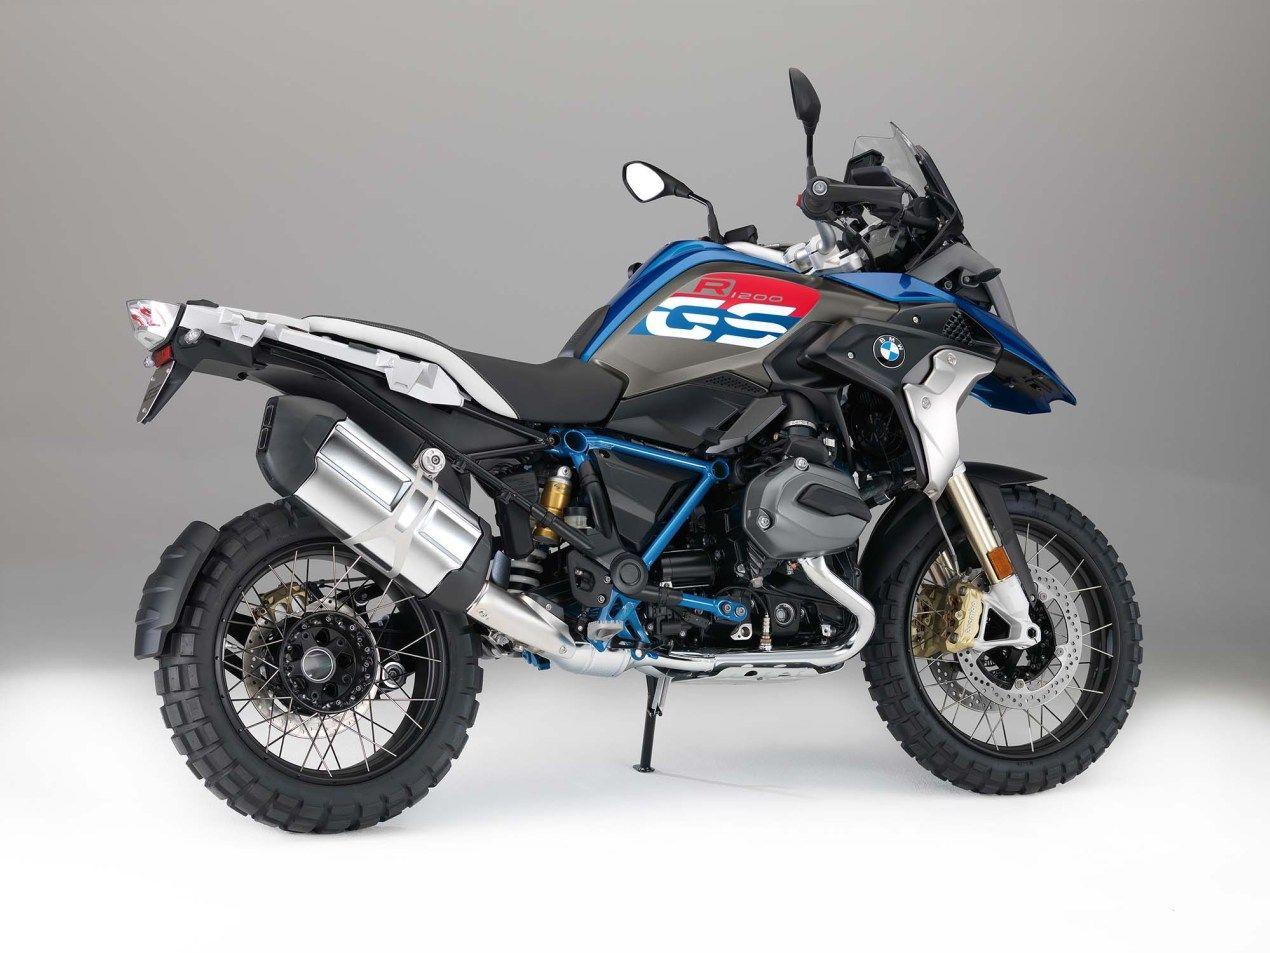 Bmw R 1200 Gs Wallpaper In 2020 Adventure Bike Motorcycles Adventure Bike Bmw Adventure Bike